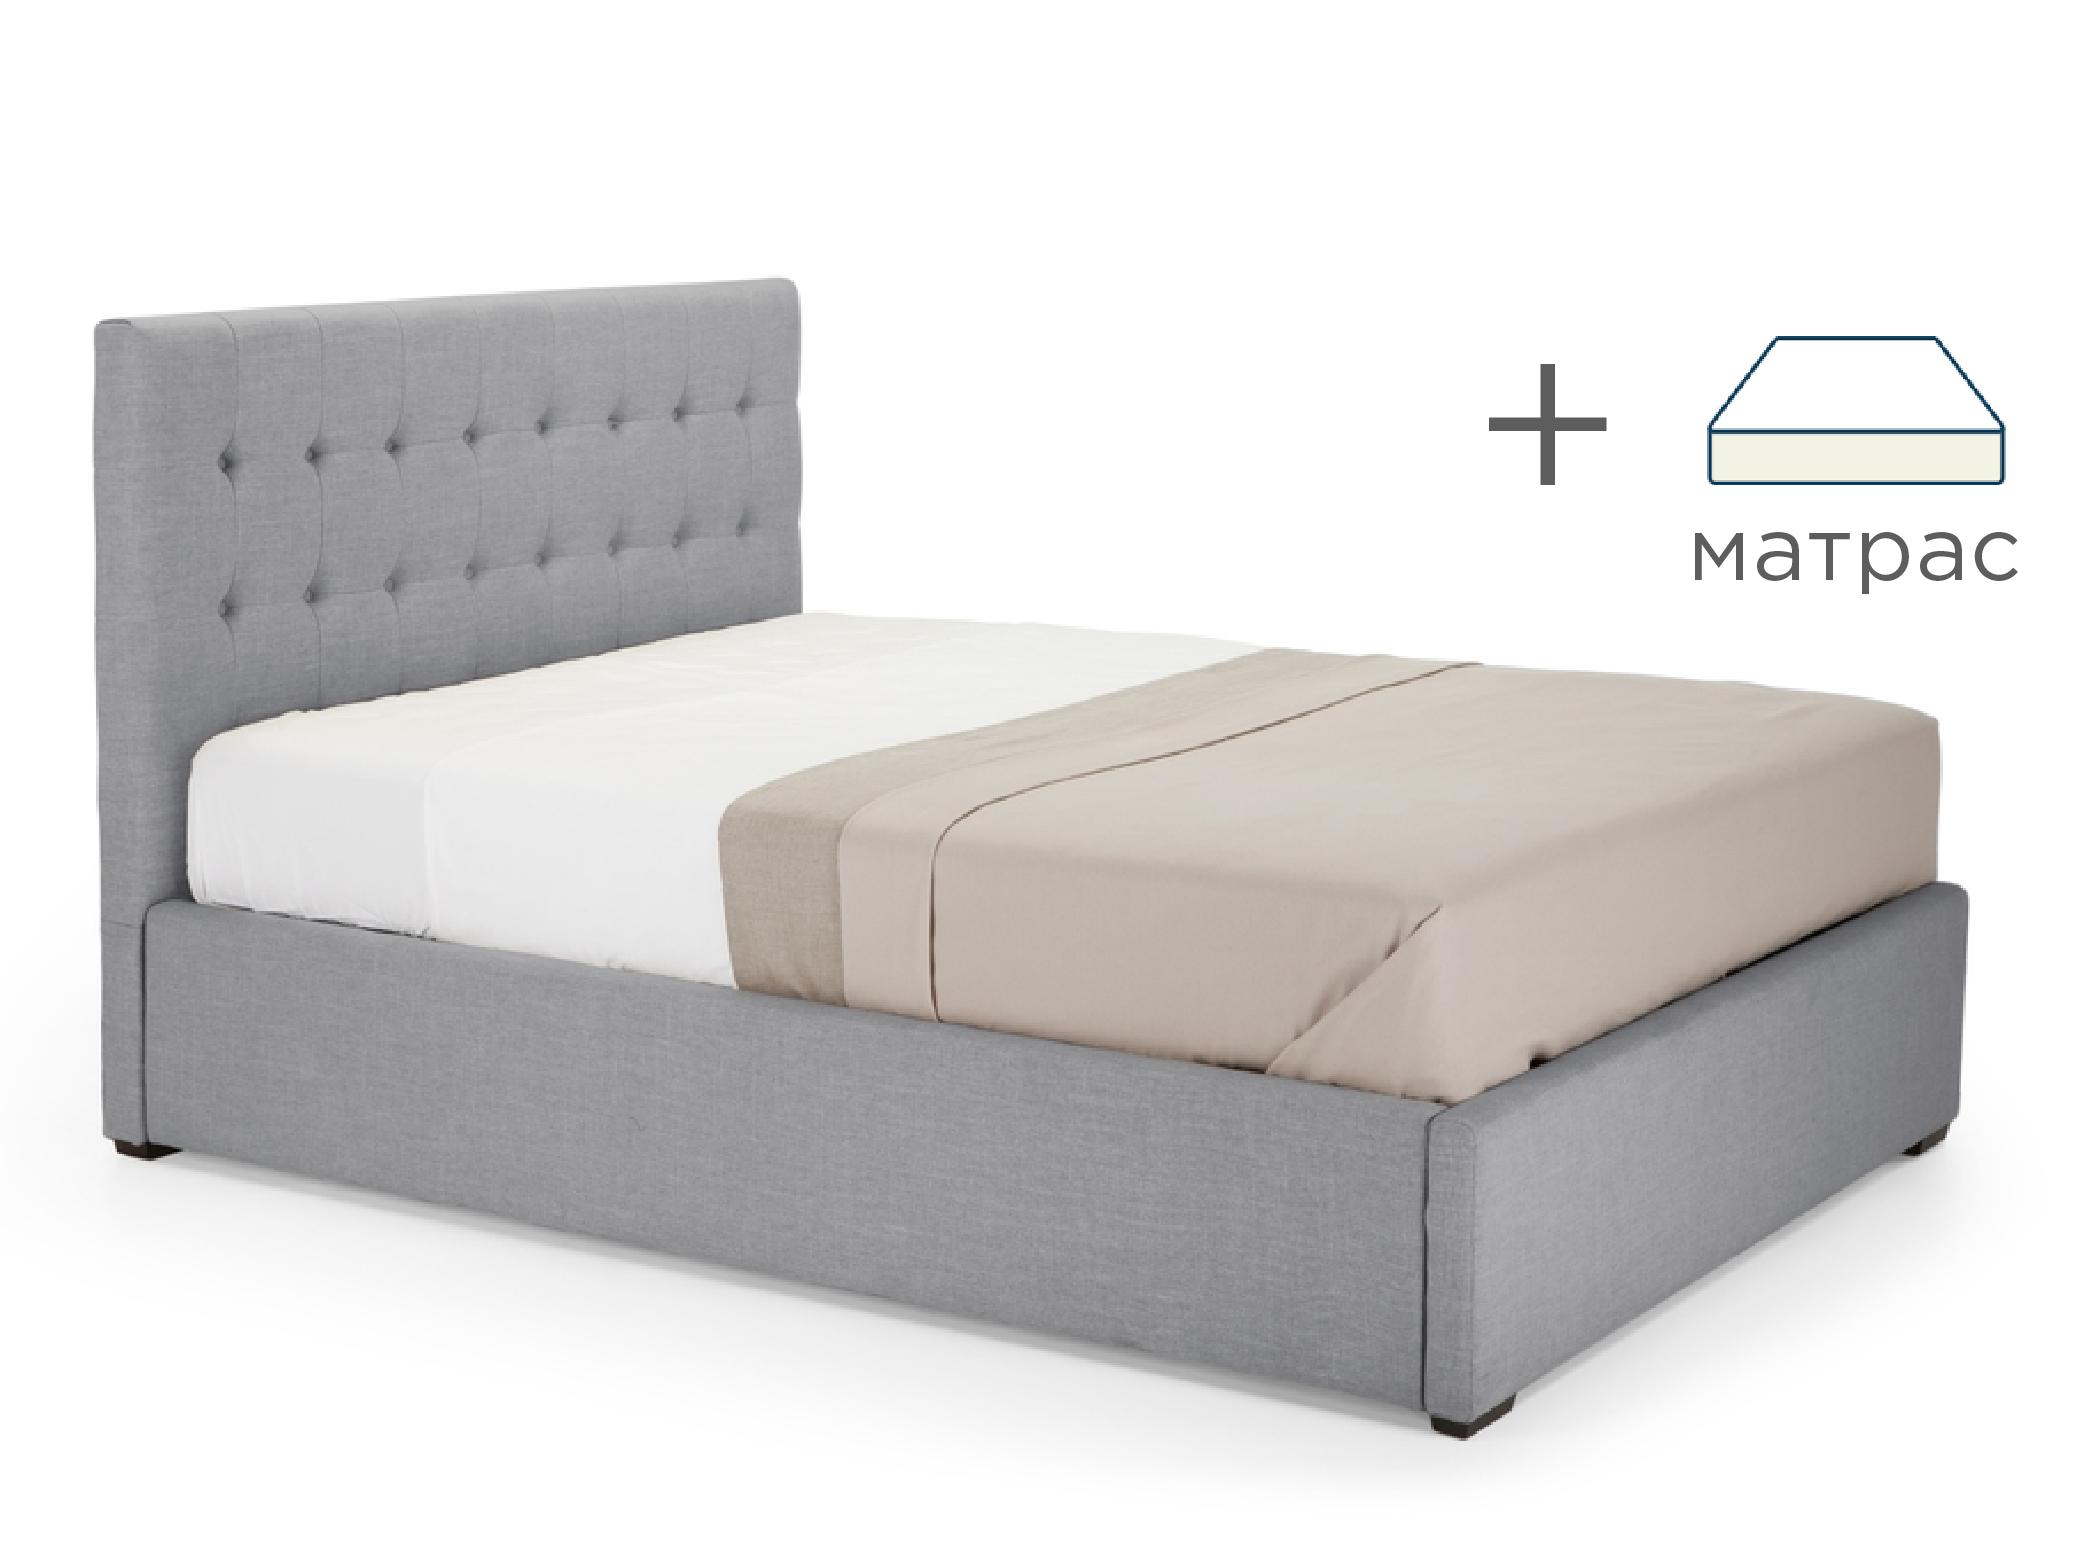 Кровать IDEAL c матрасомКровати + матрасы<br>&amp;lt;div&amp;gt;Выгодная скидка при покупке комплекта!&amp;lt;/div&amp;gt;&amp;lt;div&amp;gt;Кровать в классическом американском стиле вместе с ортопедическим матрасом &amp;quot;Ascona Terapia Cardio&amp;quot;&amp;lt;/div&amp;gt;&amp;lt;div&amp;gt;&amp;lt;br&amp;gt;&amp;lt;/div&amp;gt;&amp;lt;div&amp;gt;Характеристики кровати:&amp;lt;/div&amp;gt;&amp;lt;div&amp;gt;Размер спального места: 160*200&amp;lt;/div&amp;gt;&amp;lt;div&amp;gt;&amp;lt;br&amp;gt;&amp;lt;/div&amp;gt;&amp;lt;div&amp;gt;Характеристики матраса:&amp;lt;/div&amp;gt;&amp;lt;div&amp;gt;100% хлопковый жаккард с антибактериальной пропиткой с ионами Ag+&amp;lt;/div&amp;gt;&amp;lt;div&amp;gt;Ортопедическая пена Orto Foam с «массажным эффектом»&amp;lt;/div&amp;gt;&amp;lt;div&amp;gt;Кокосовая плита&amp;lt;/div&amp;gt;&amp;lt;div&amp;gt;5-ти зональный блок независимых пружин «Песочные часы Extra»&amp;lt;/div&amp;gt;&amp;lt;div&amp;gt;Короб по периметру из пены Orto Foam®&amp;lt;/div&amp;gt;<br><br>Material: Текстиль<br>Width см: 215<br>Depth см: 170<br>Height см: 120